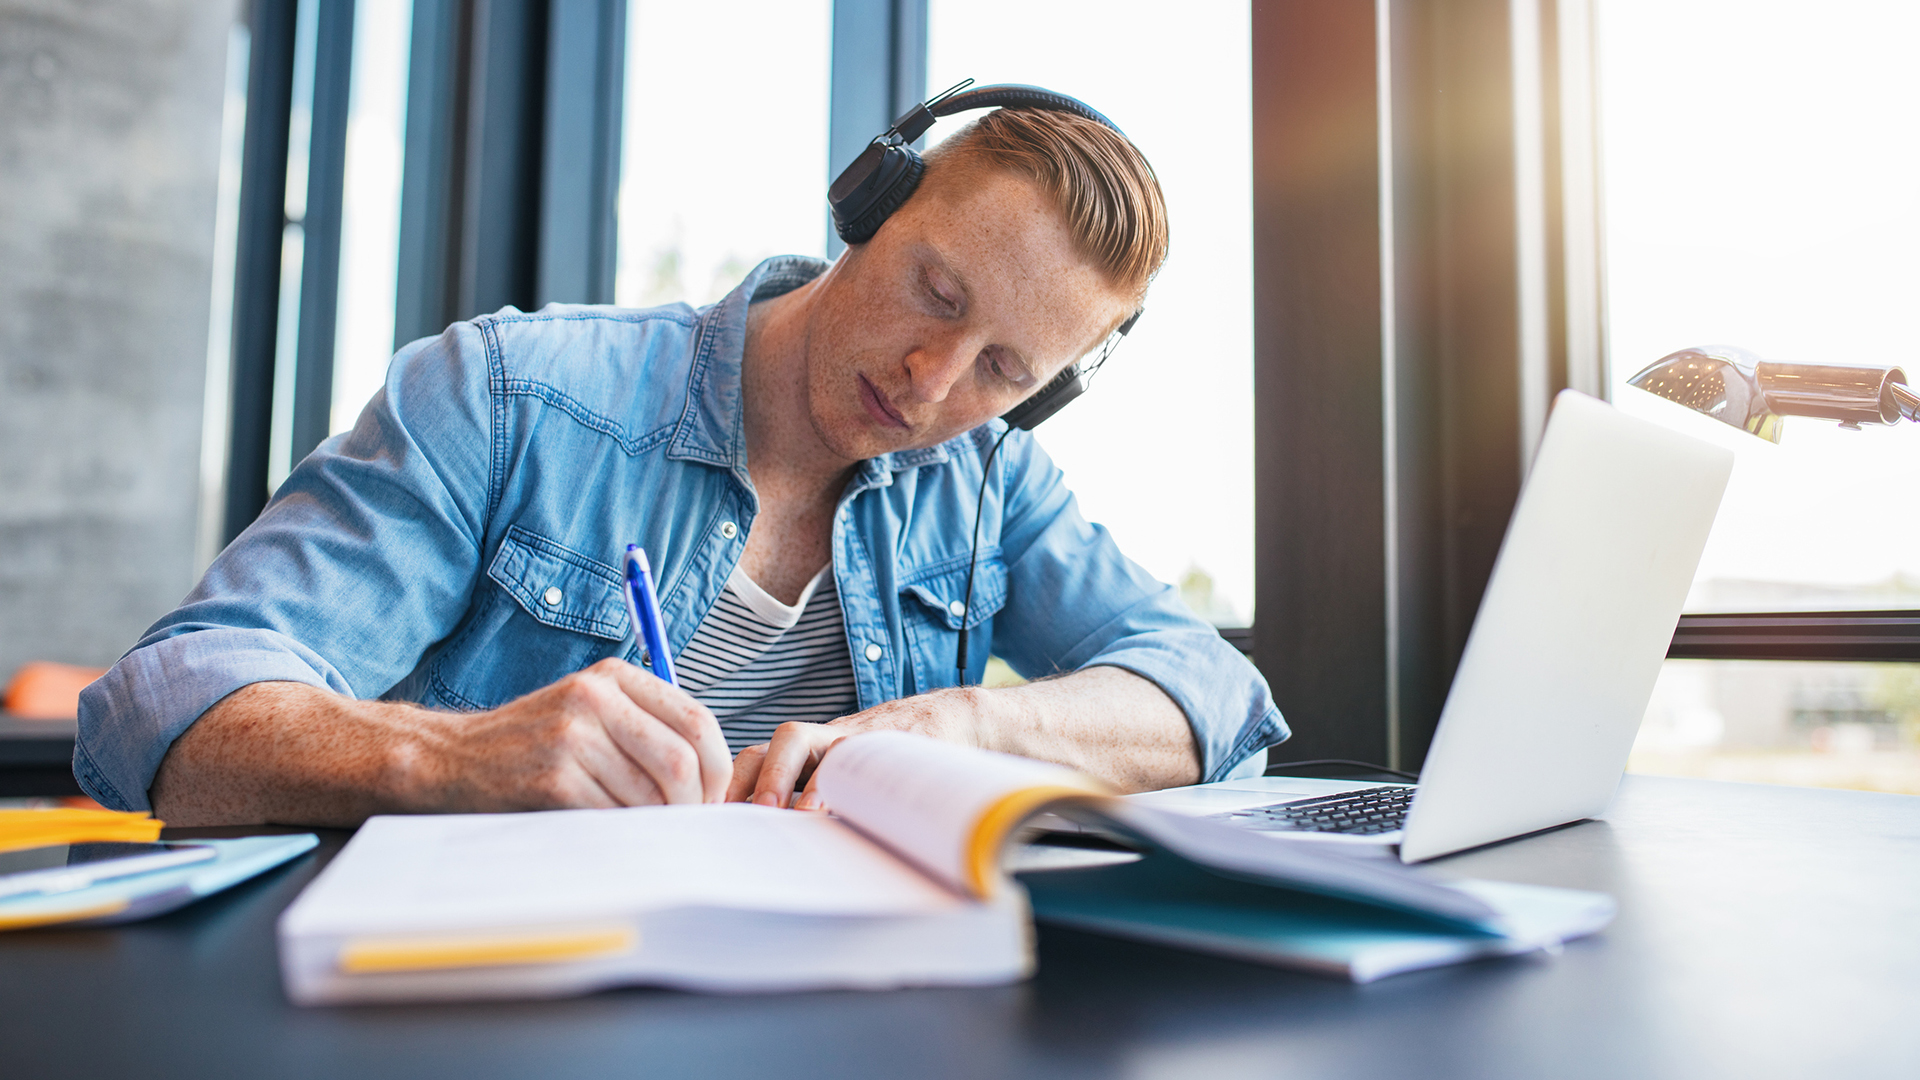 Lukiolainen voi saada merkittävästi taloudellista etua riippuen siitä, missä lukiossa aikoo opiskella.